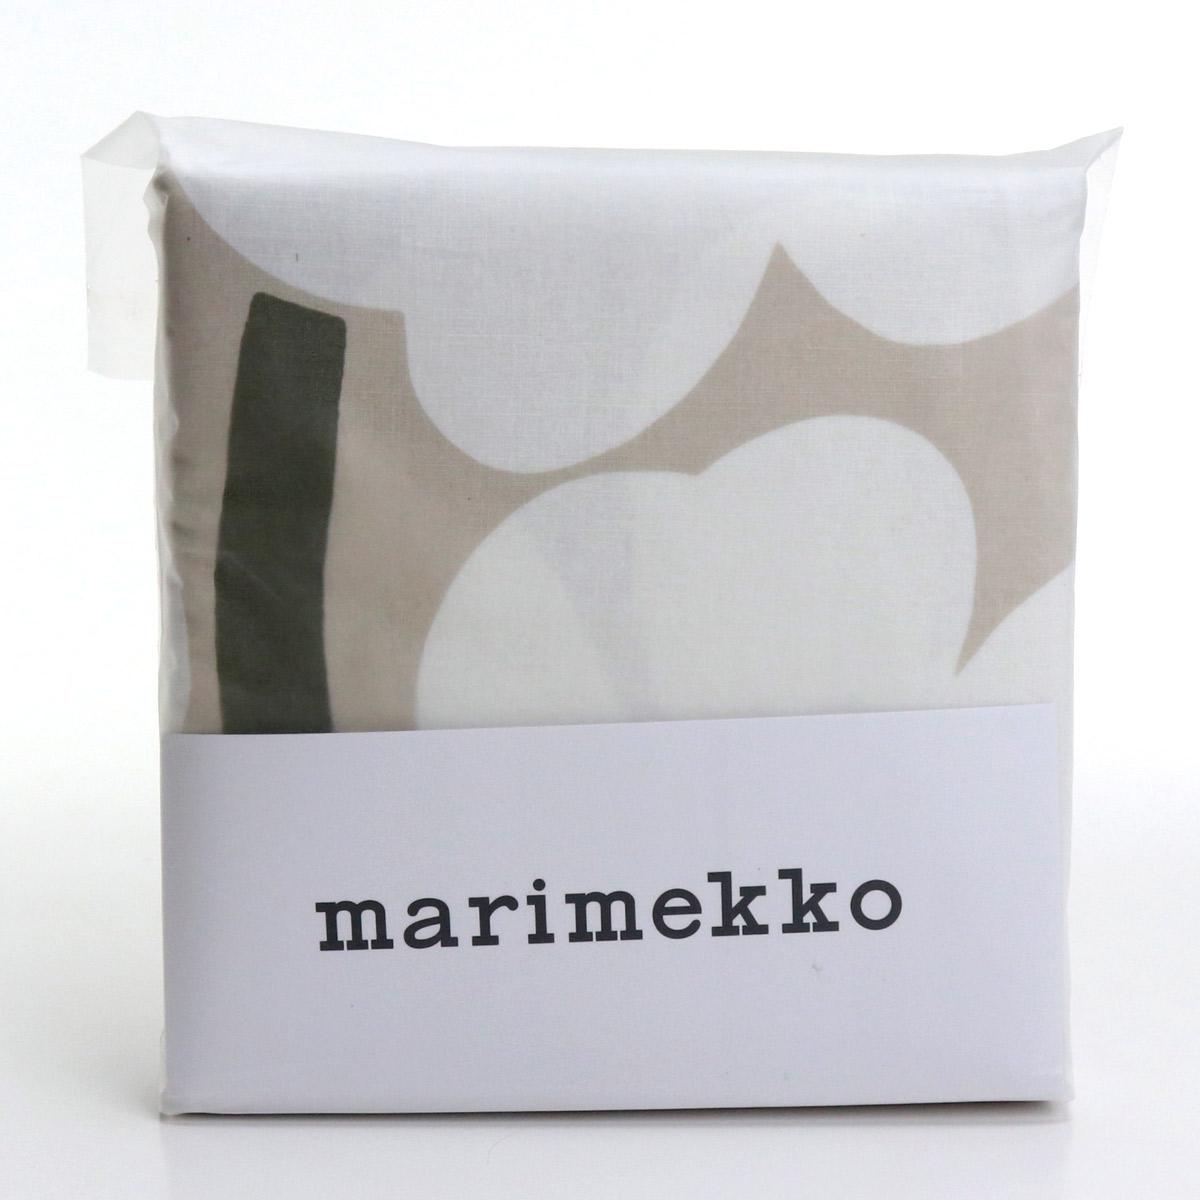 マリメッコ marimekko UNIKKO 生活雑貨 70242 掛け布団カバー 816  レディース